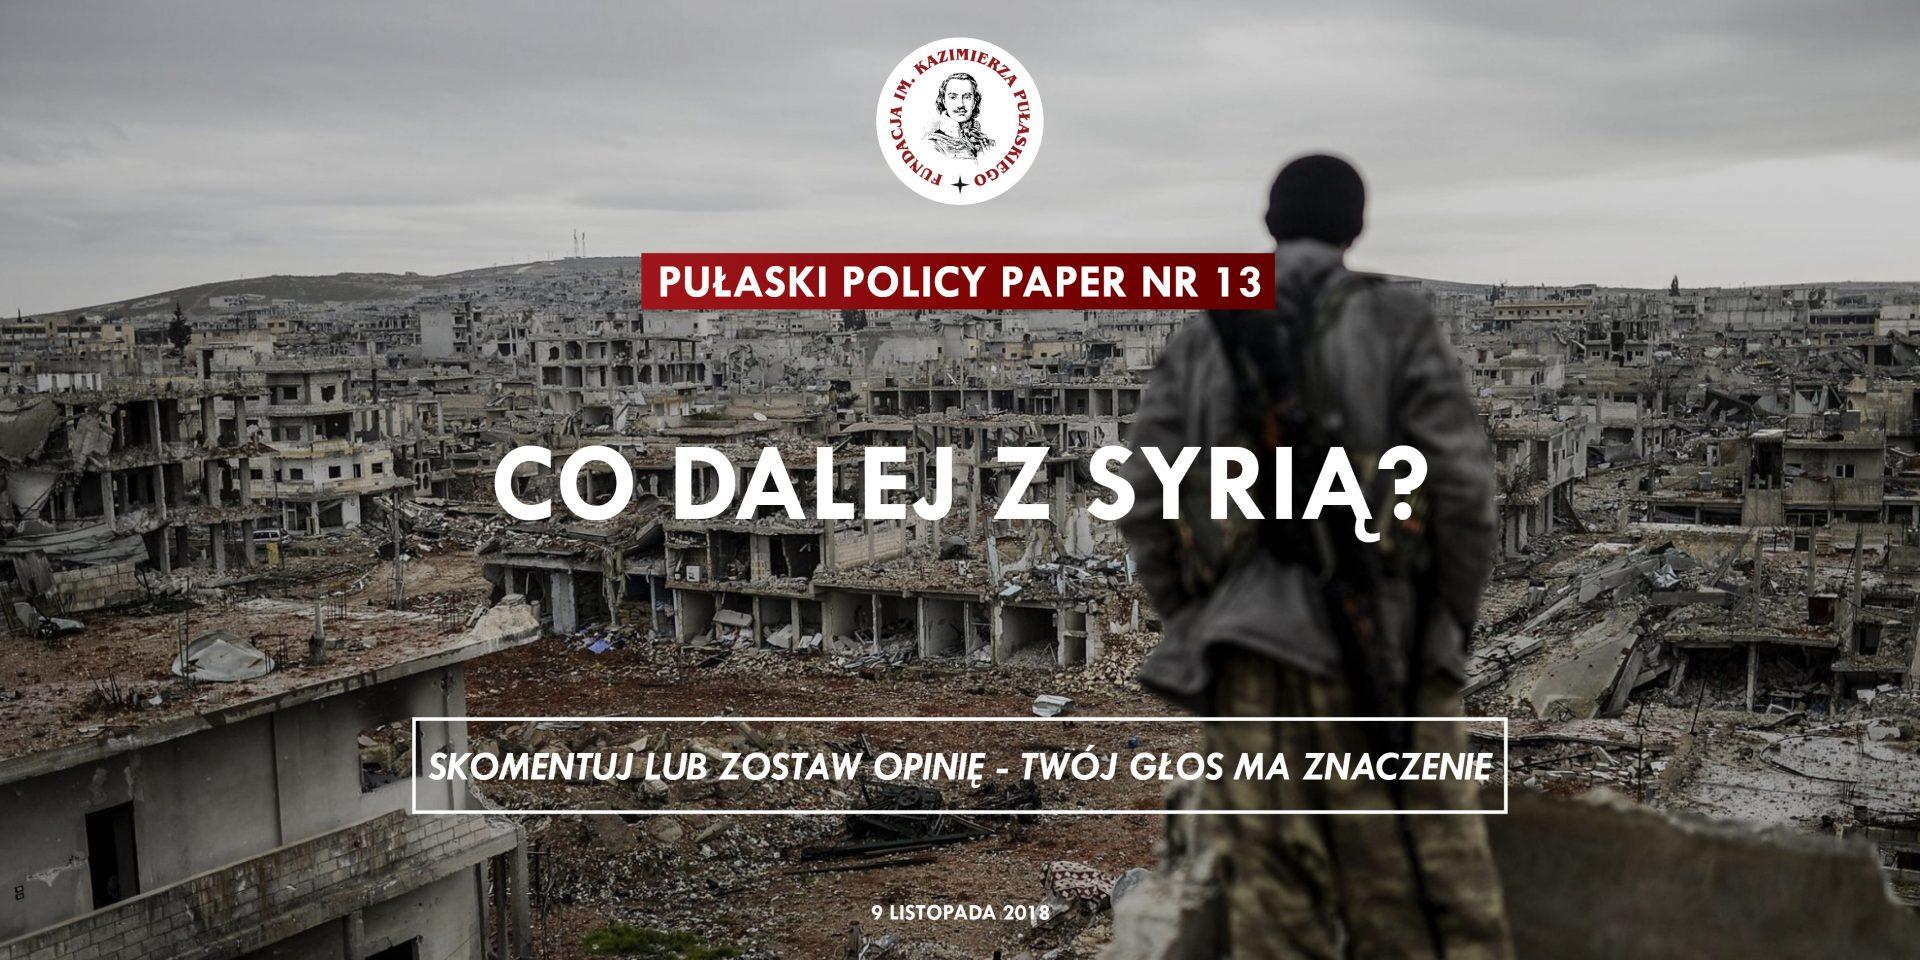 PULASKI POLICY PAPER – T. Otłowski: Co dalej zSyrią?